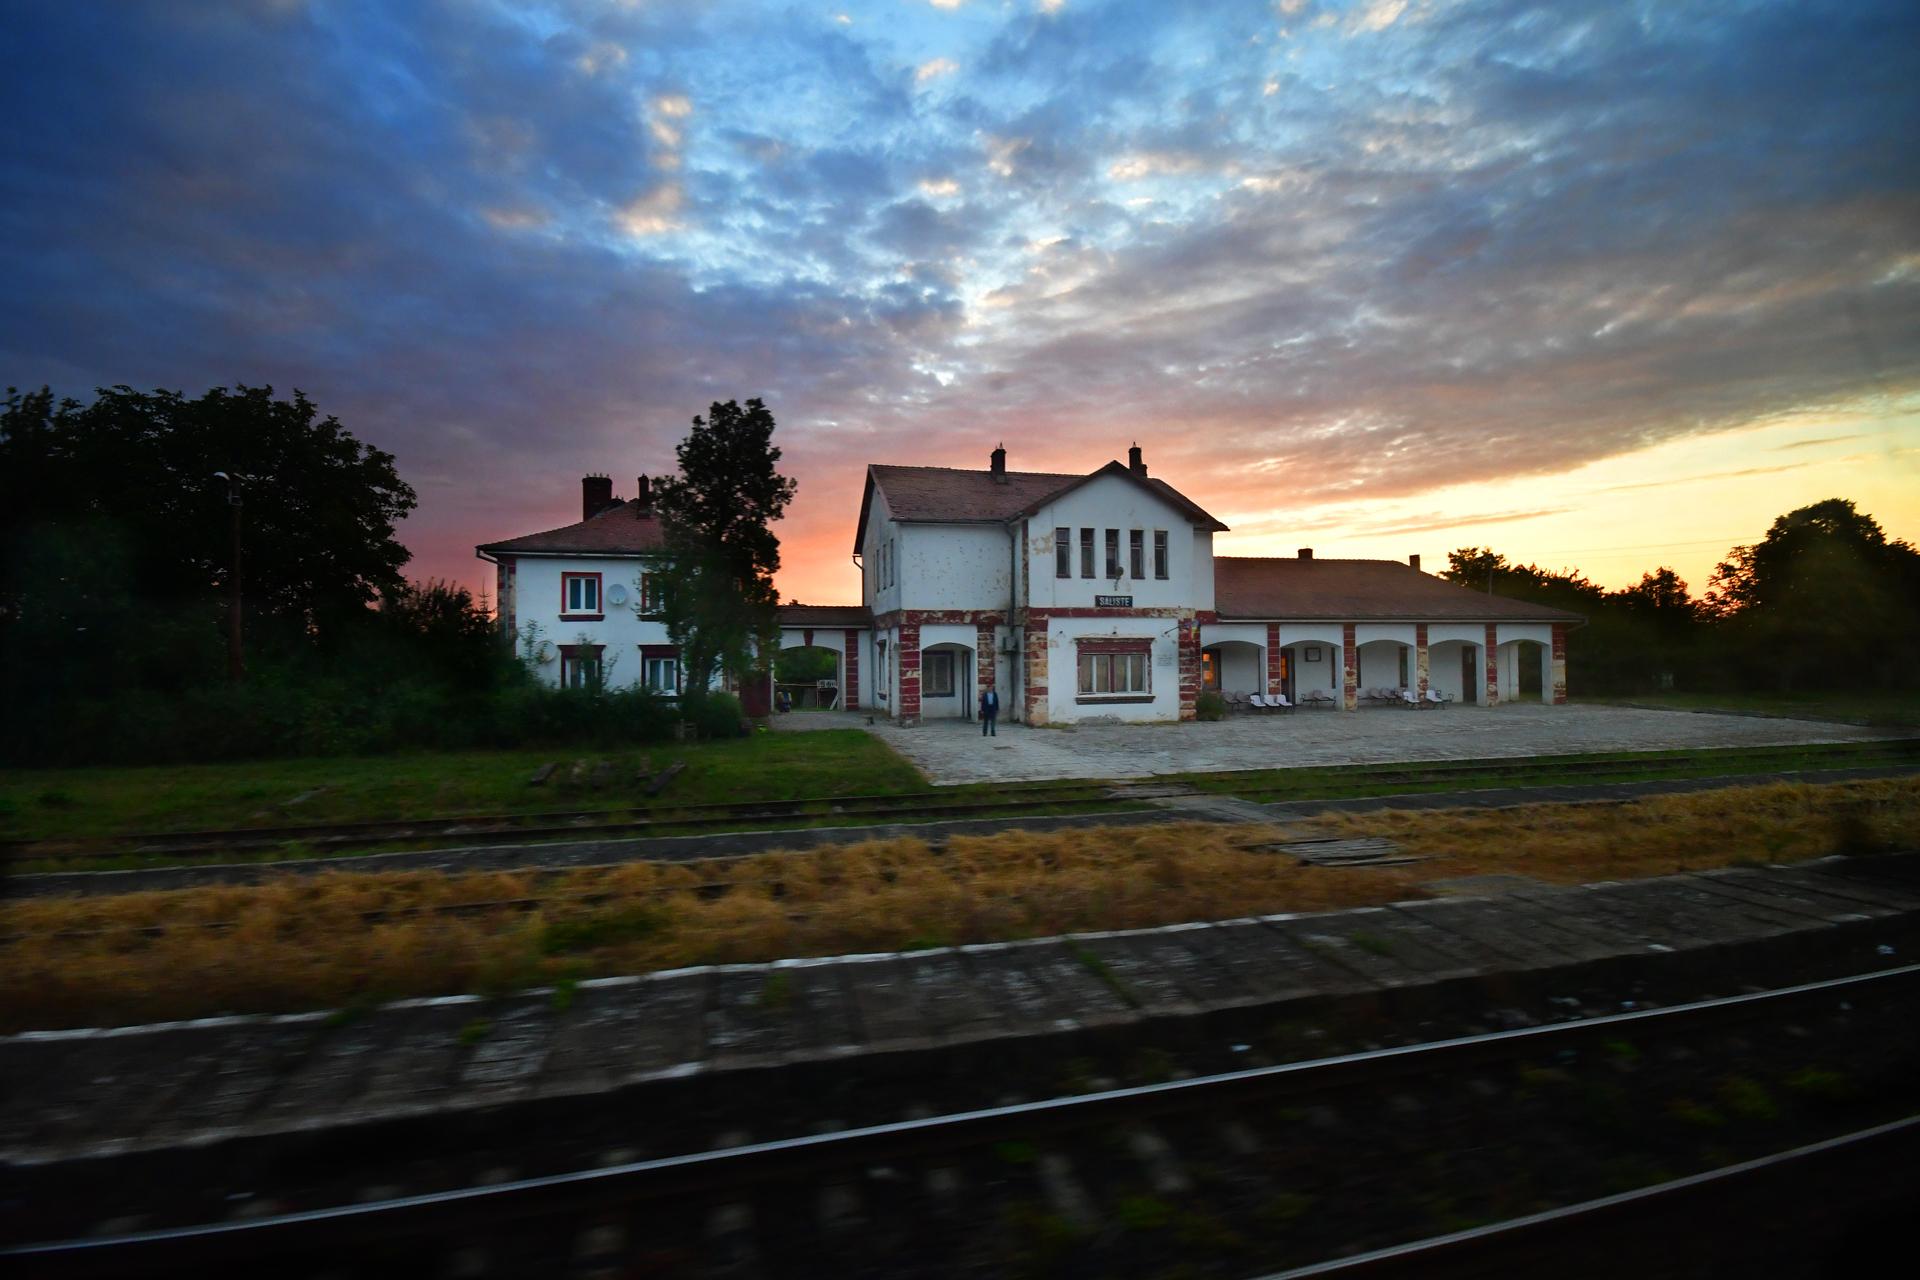 הבית שליד המסילה - אוריינט אקספרס- יואל שתרוג - אדמה יוצרת - yoel sitruk